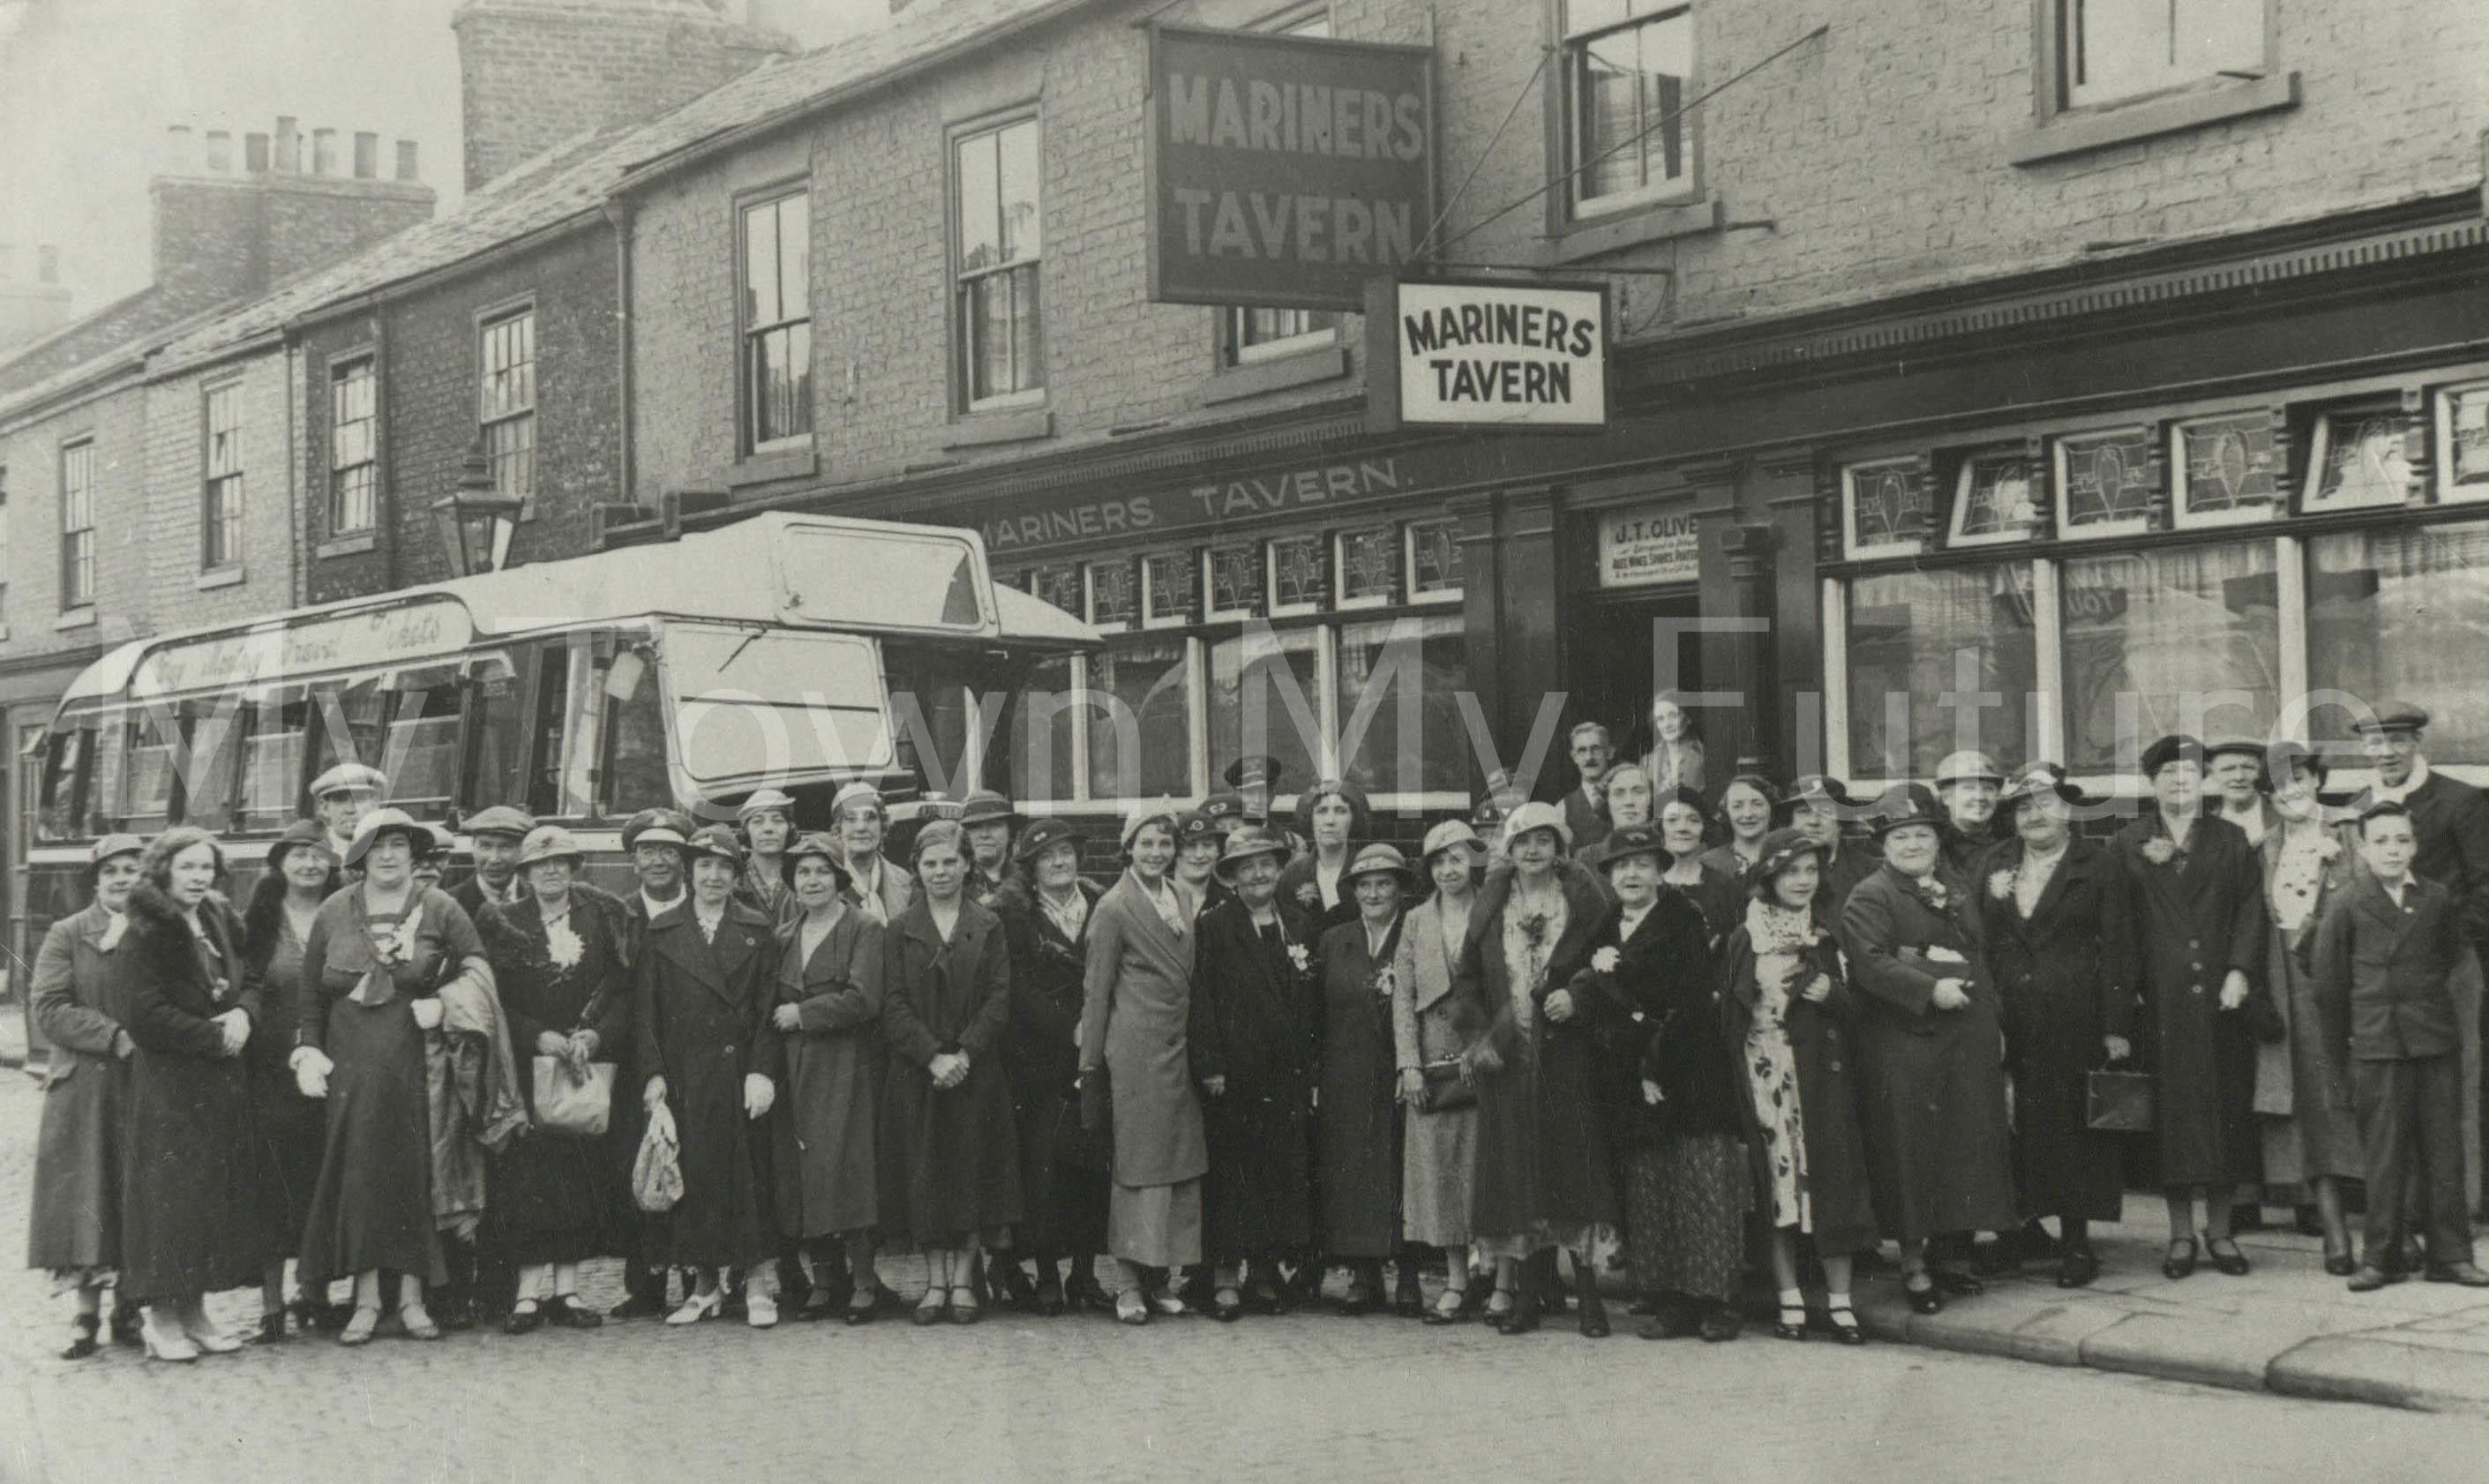 Mariners Tavern